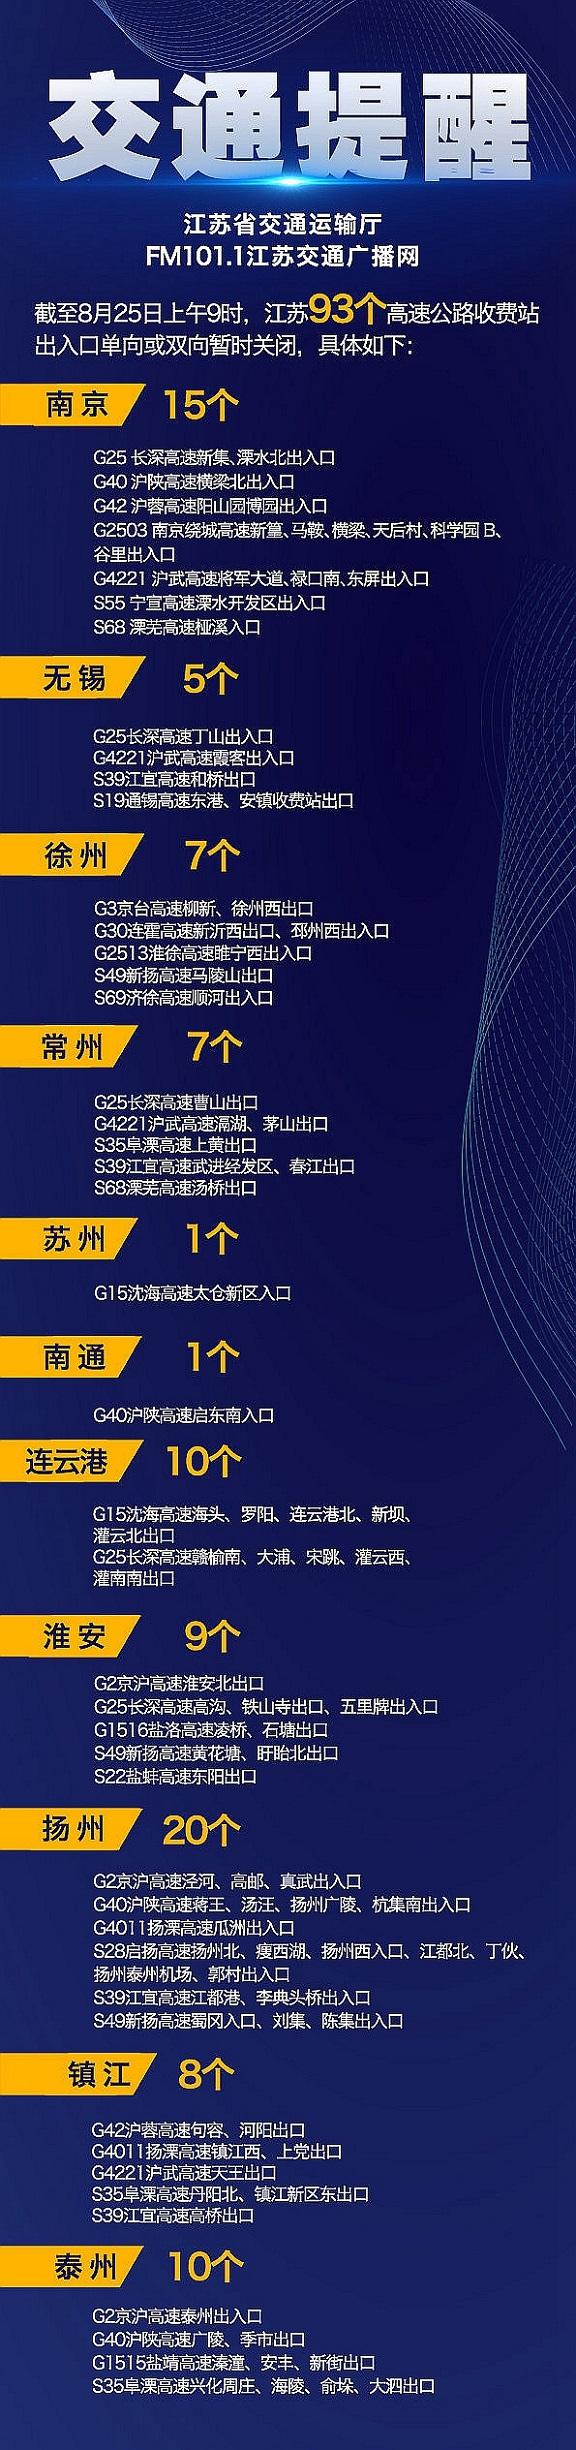 25日江苏93个高速公路收费站出入口和34条普通国省道单向或双向暂时关闭